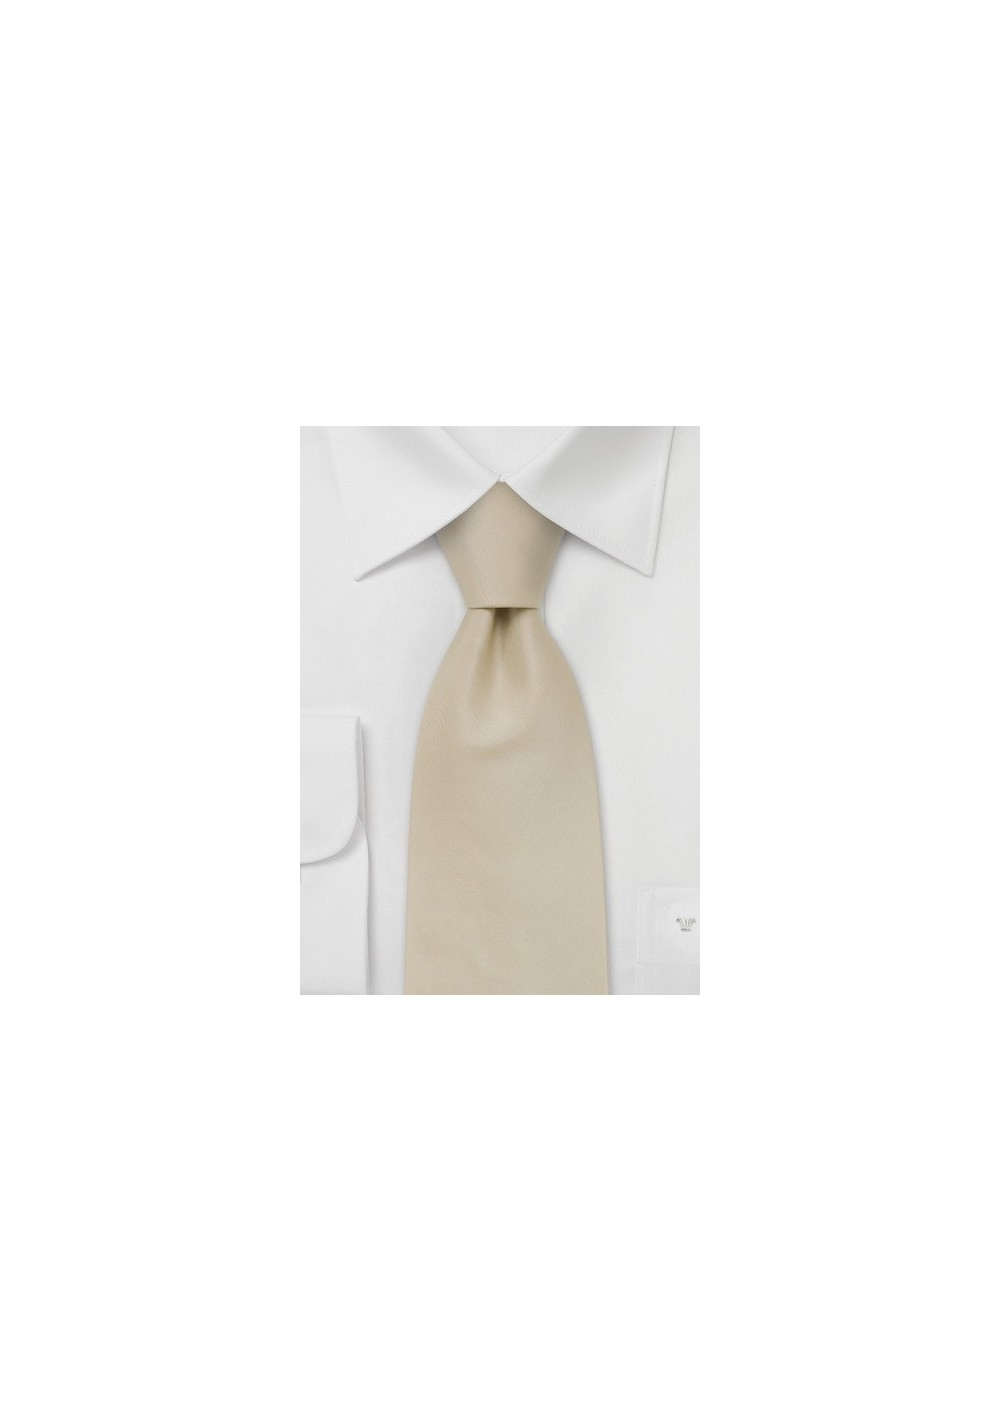 Extra Long Ties -  Handmade XL tie in cream color